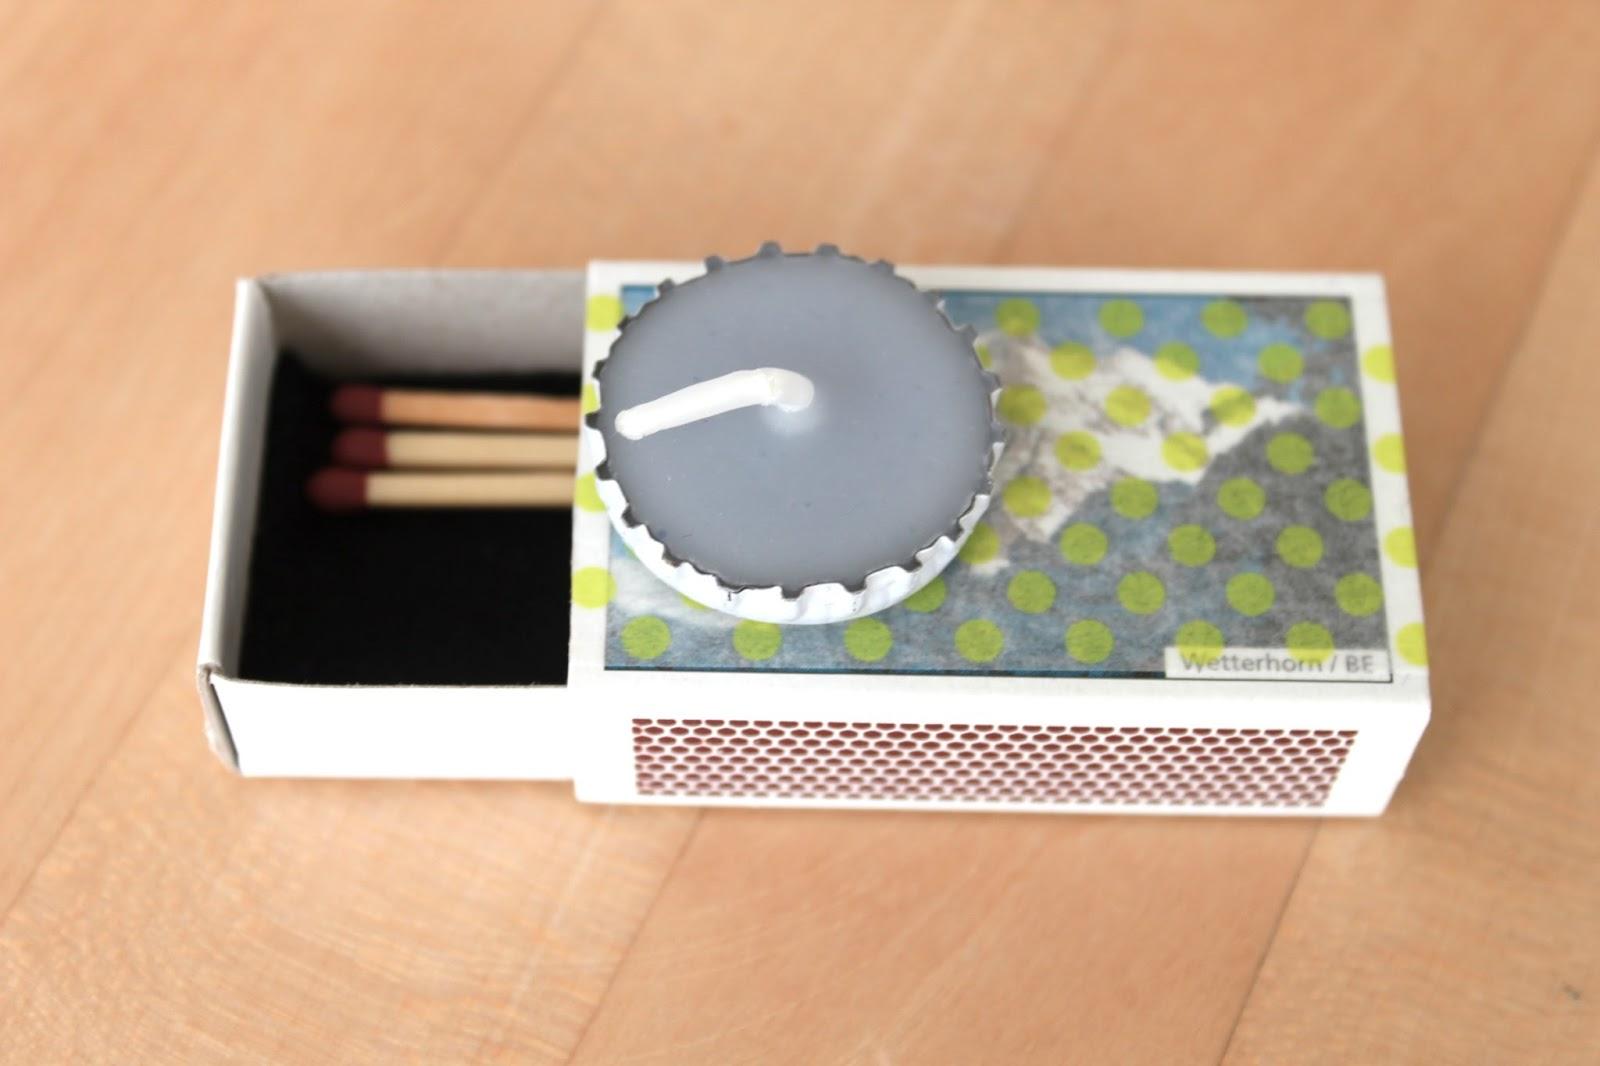 neue ideen neue produkte neue chancenweberin nachhaltig und kreativ. Black Bedroom Furniture Sets. Home Design Ideas